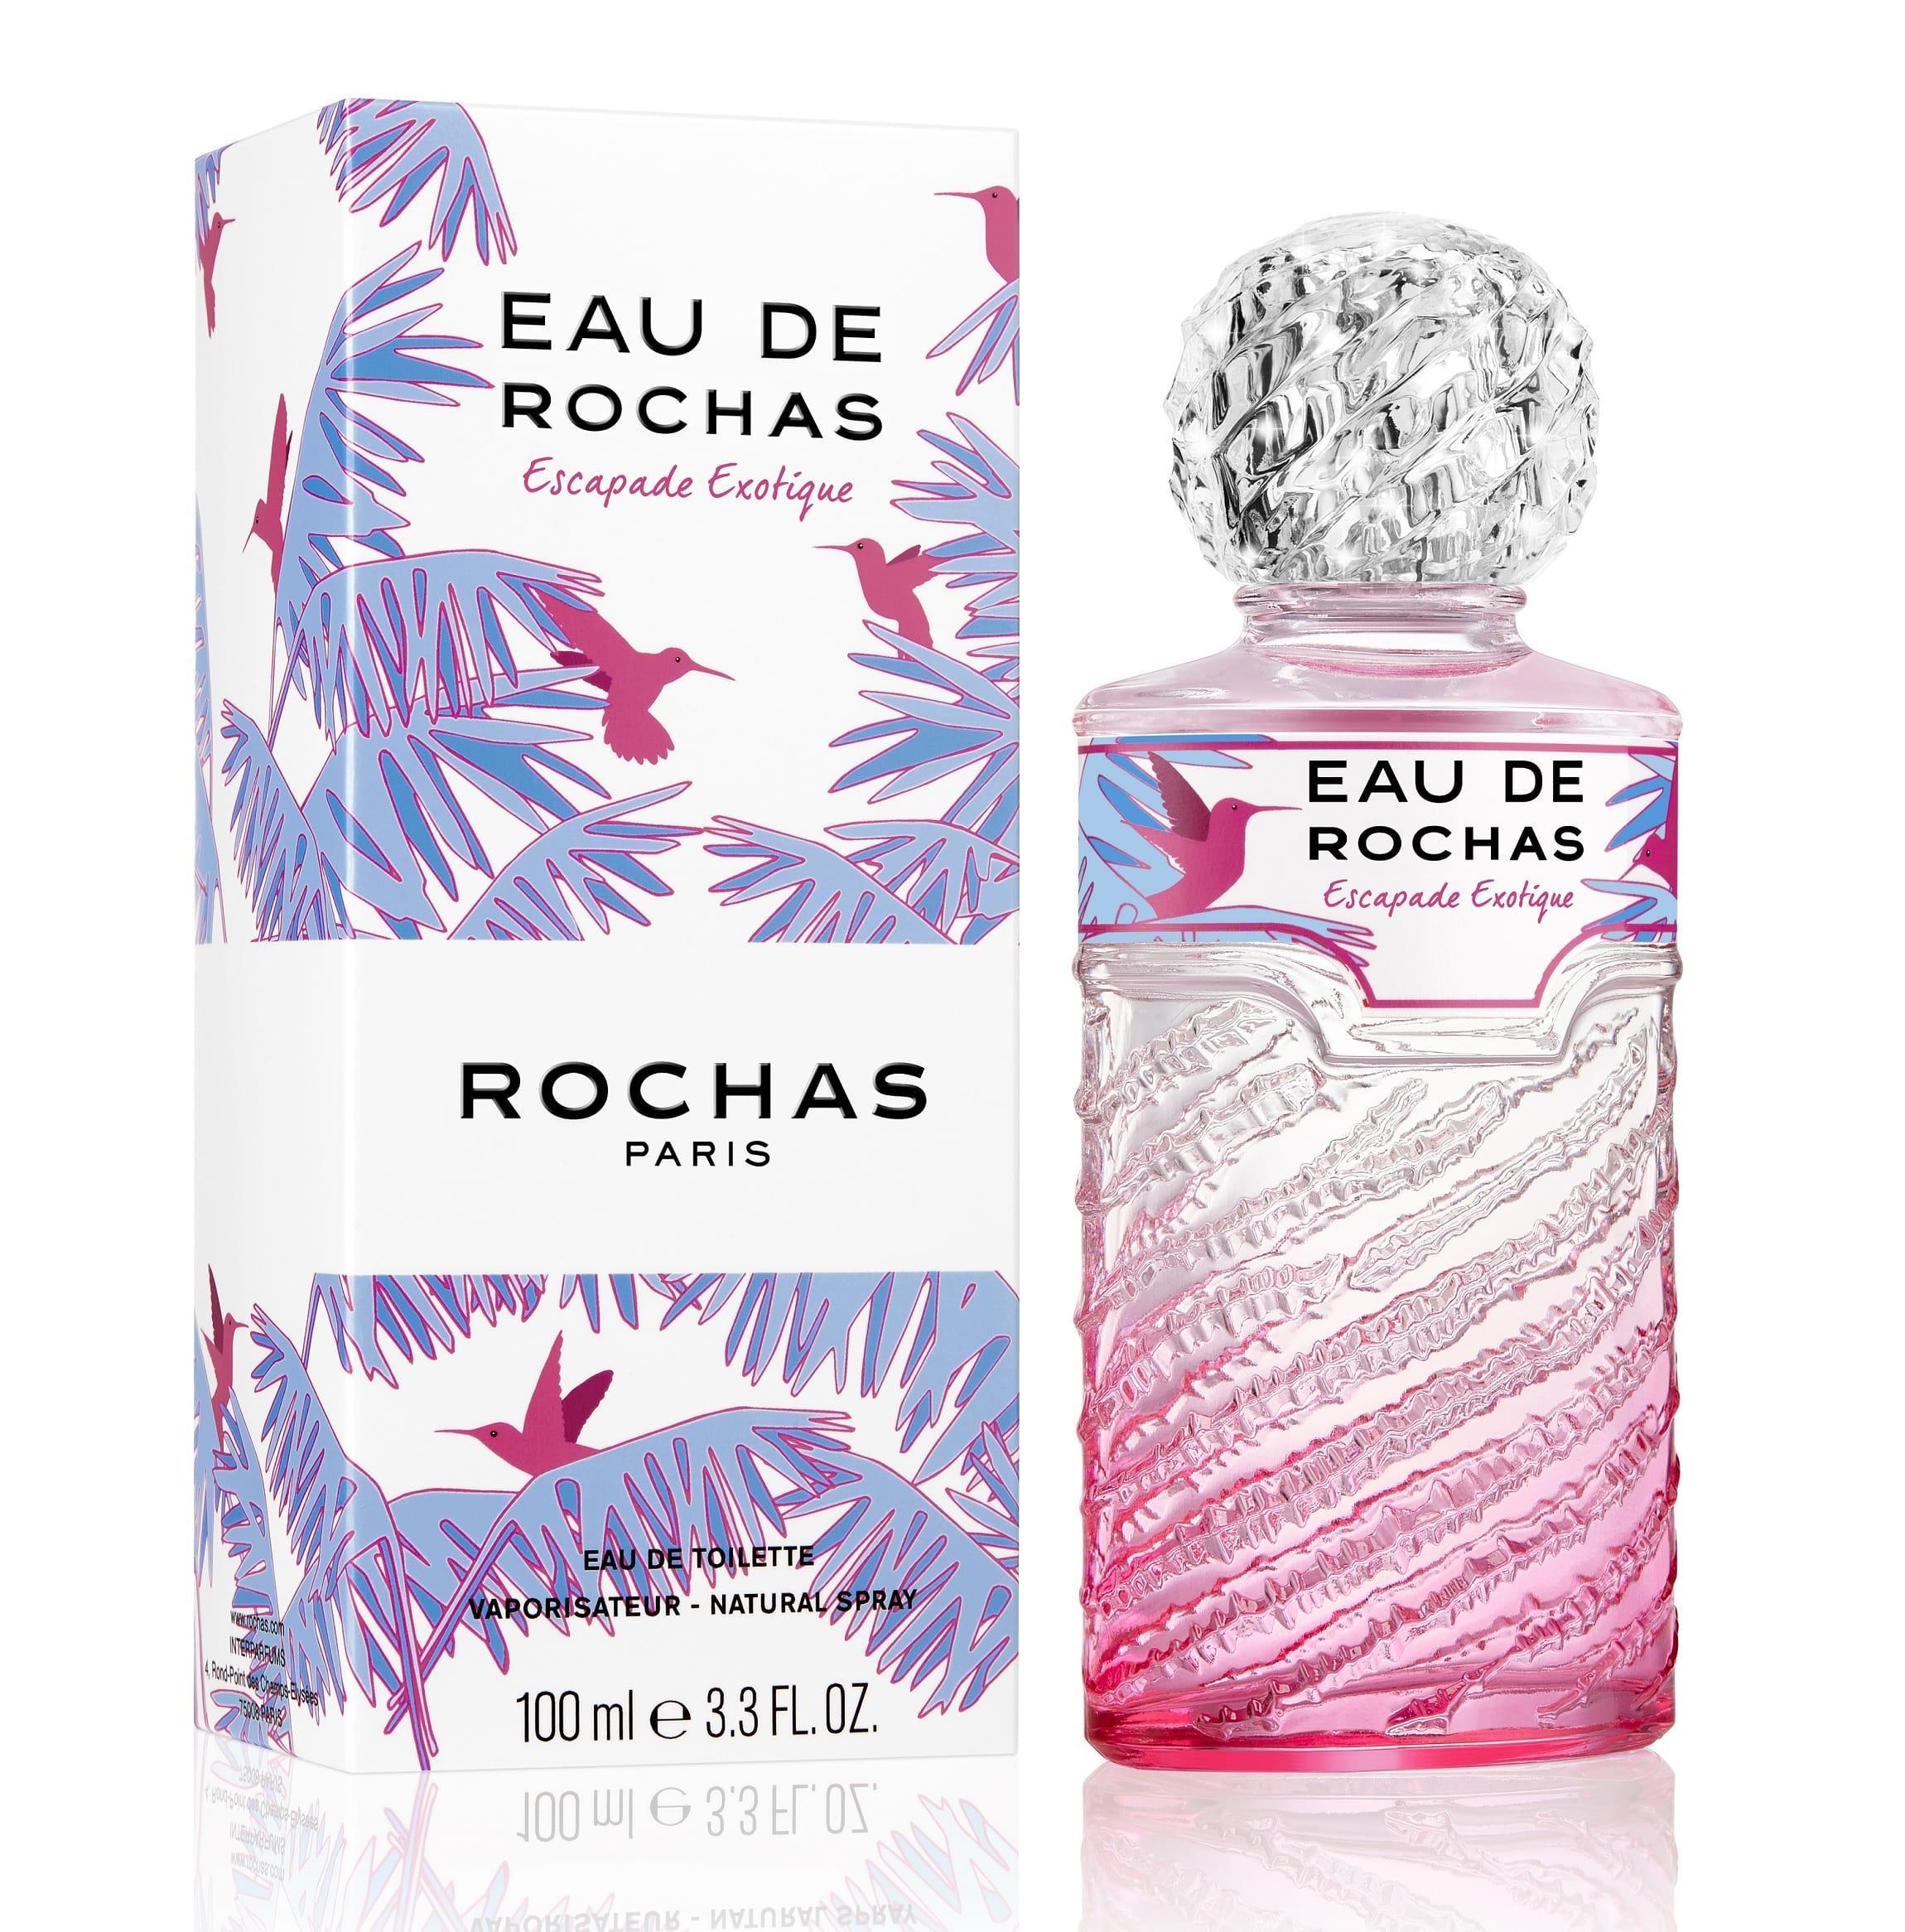 Rochas-Eau-de-Rochas-Escapade-Exotique-Box-Flacon-min.jpg